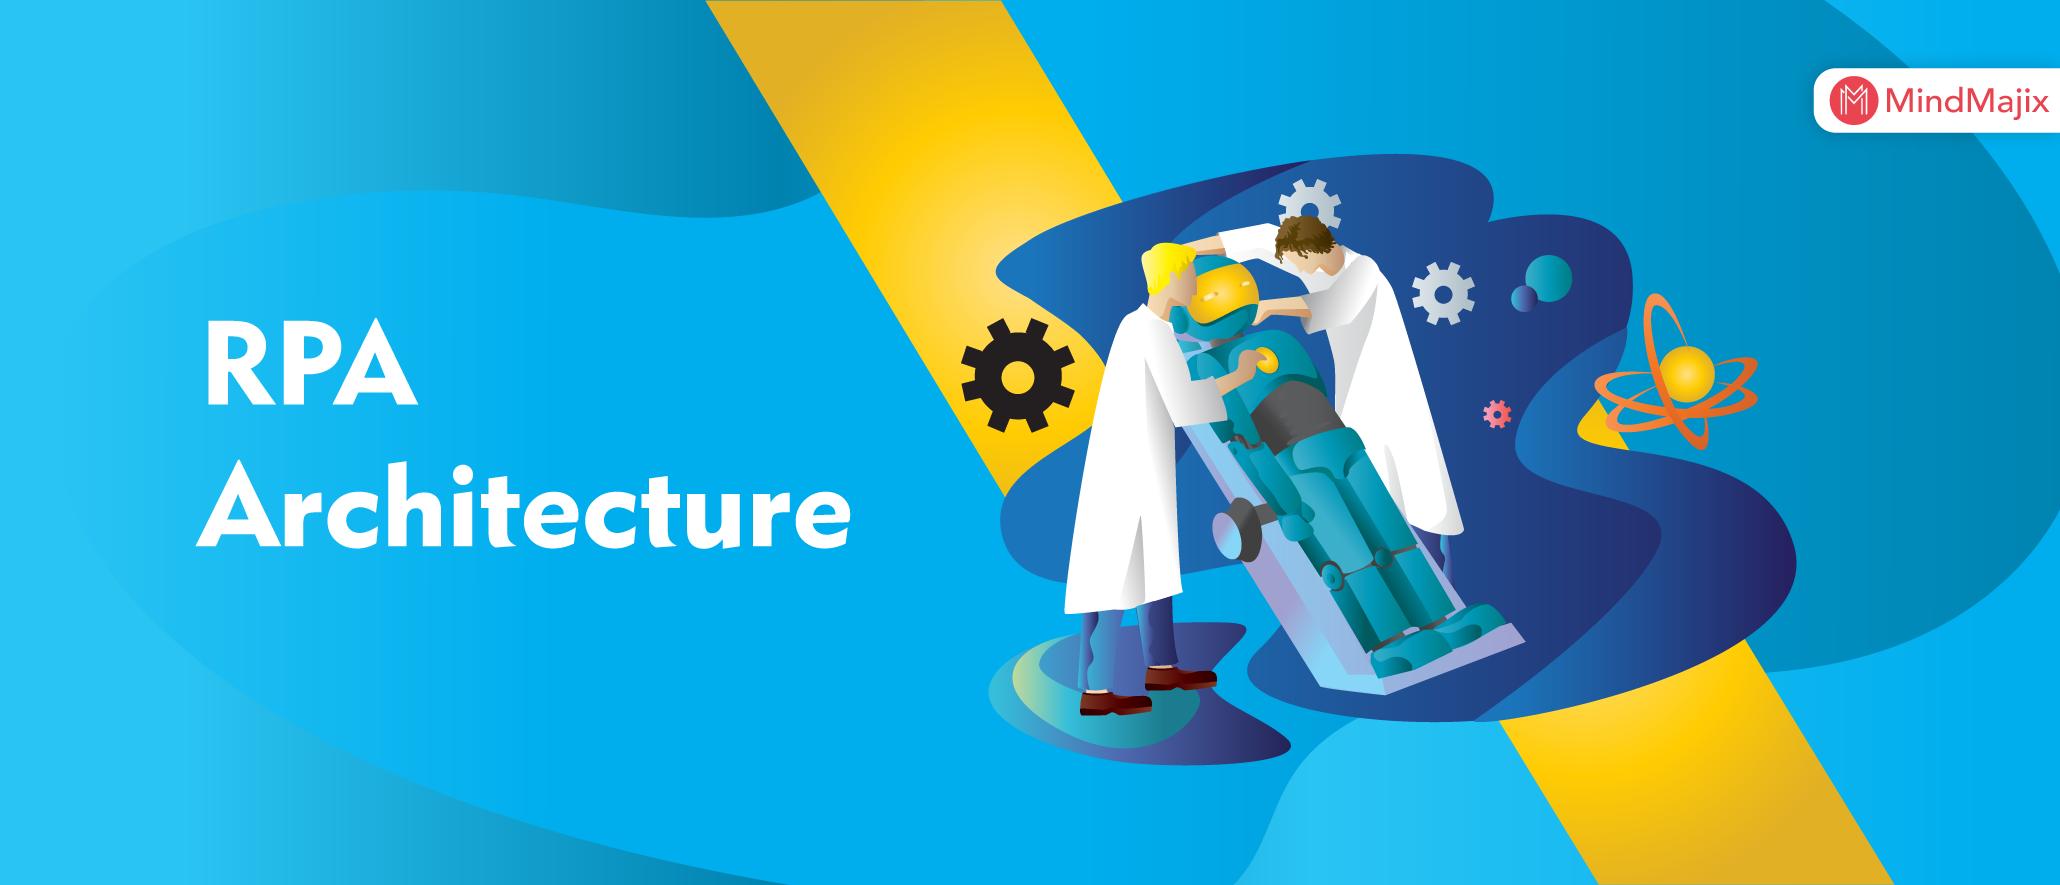 RPA Architecture | Robotic Process Automation | MindMajix